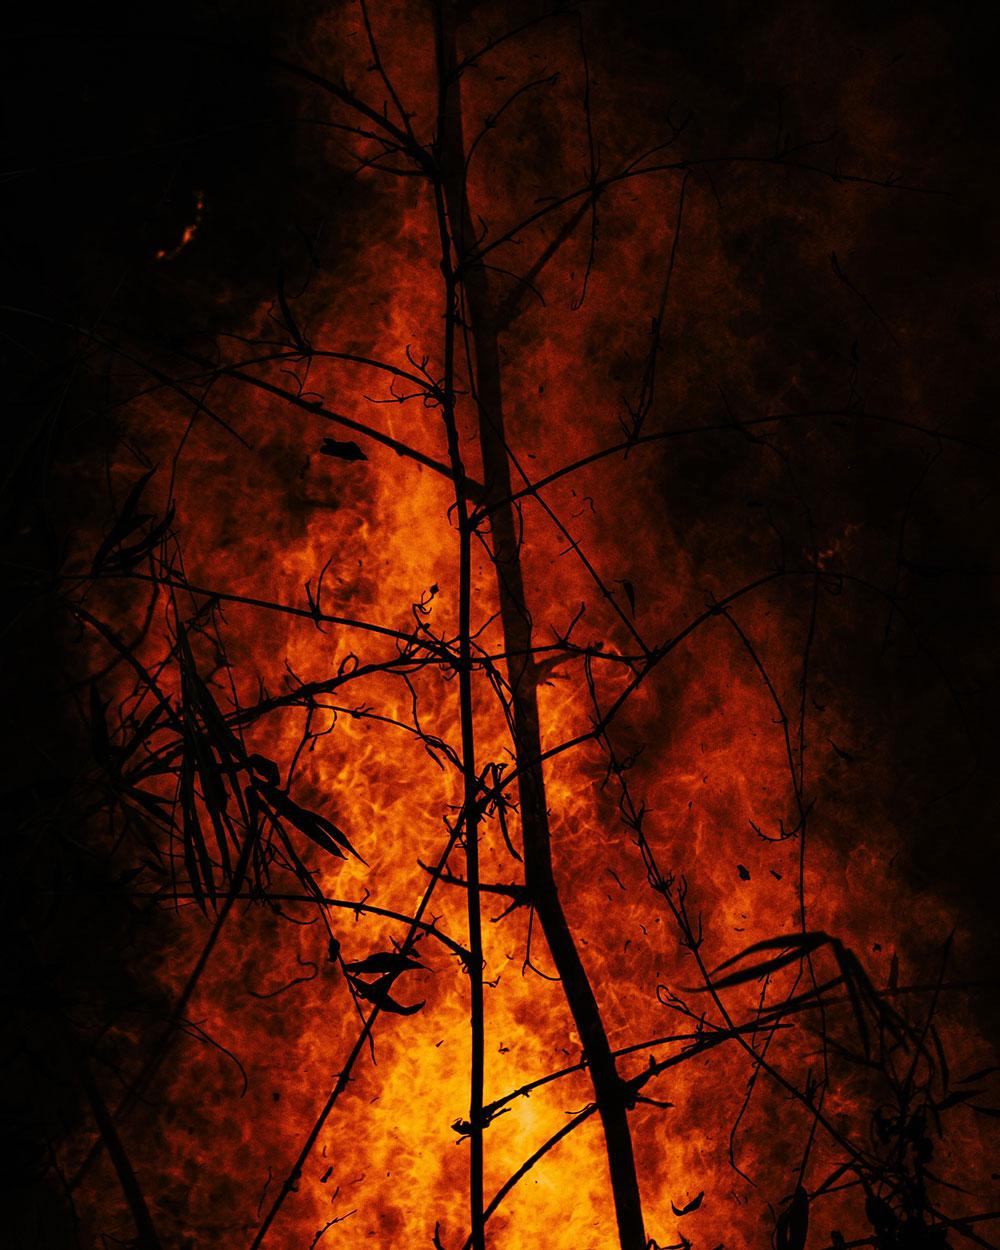 불씨로 가득한 지옥